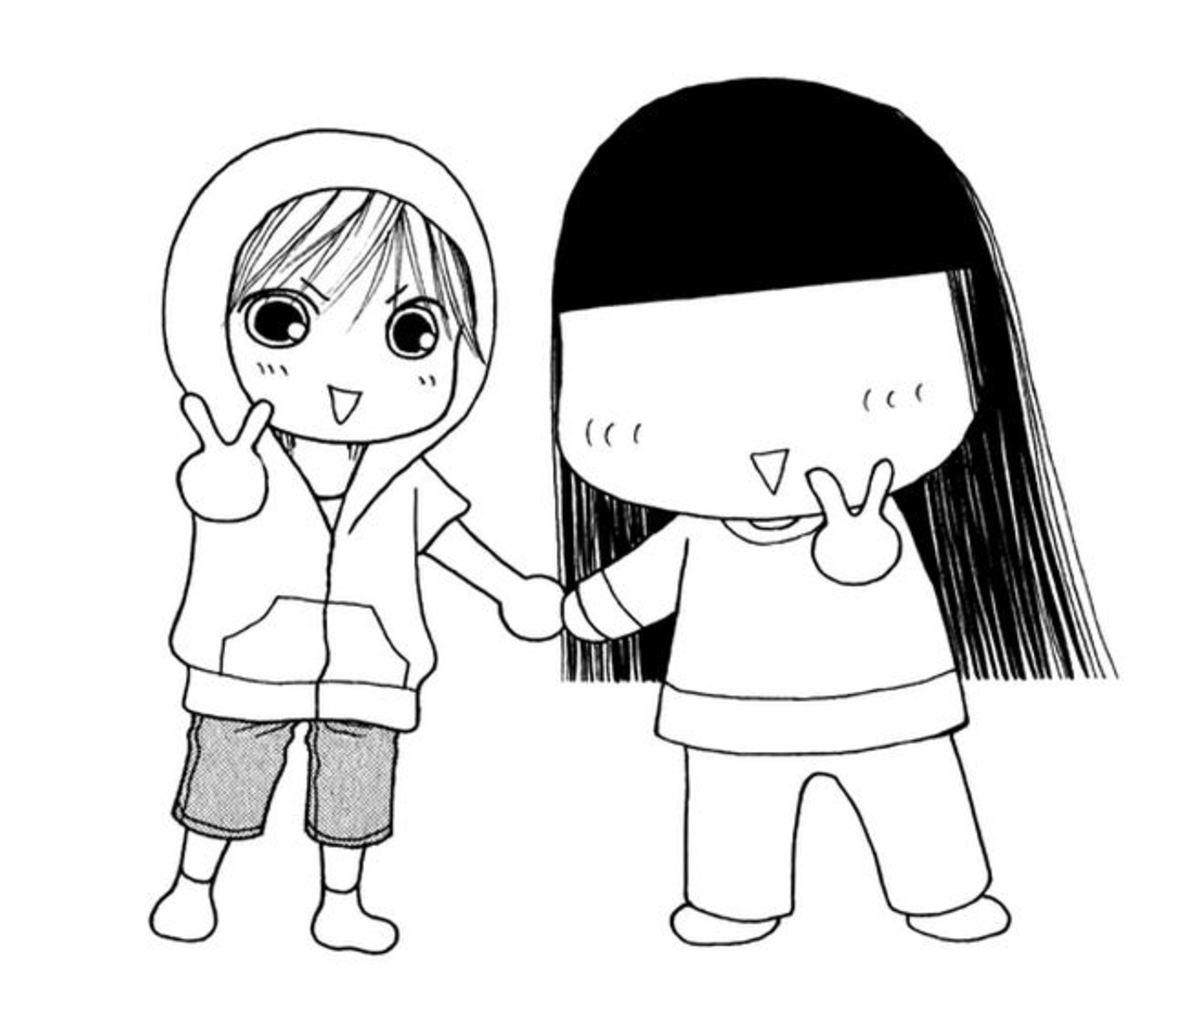 Kyohei and Sunako